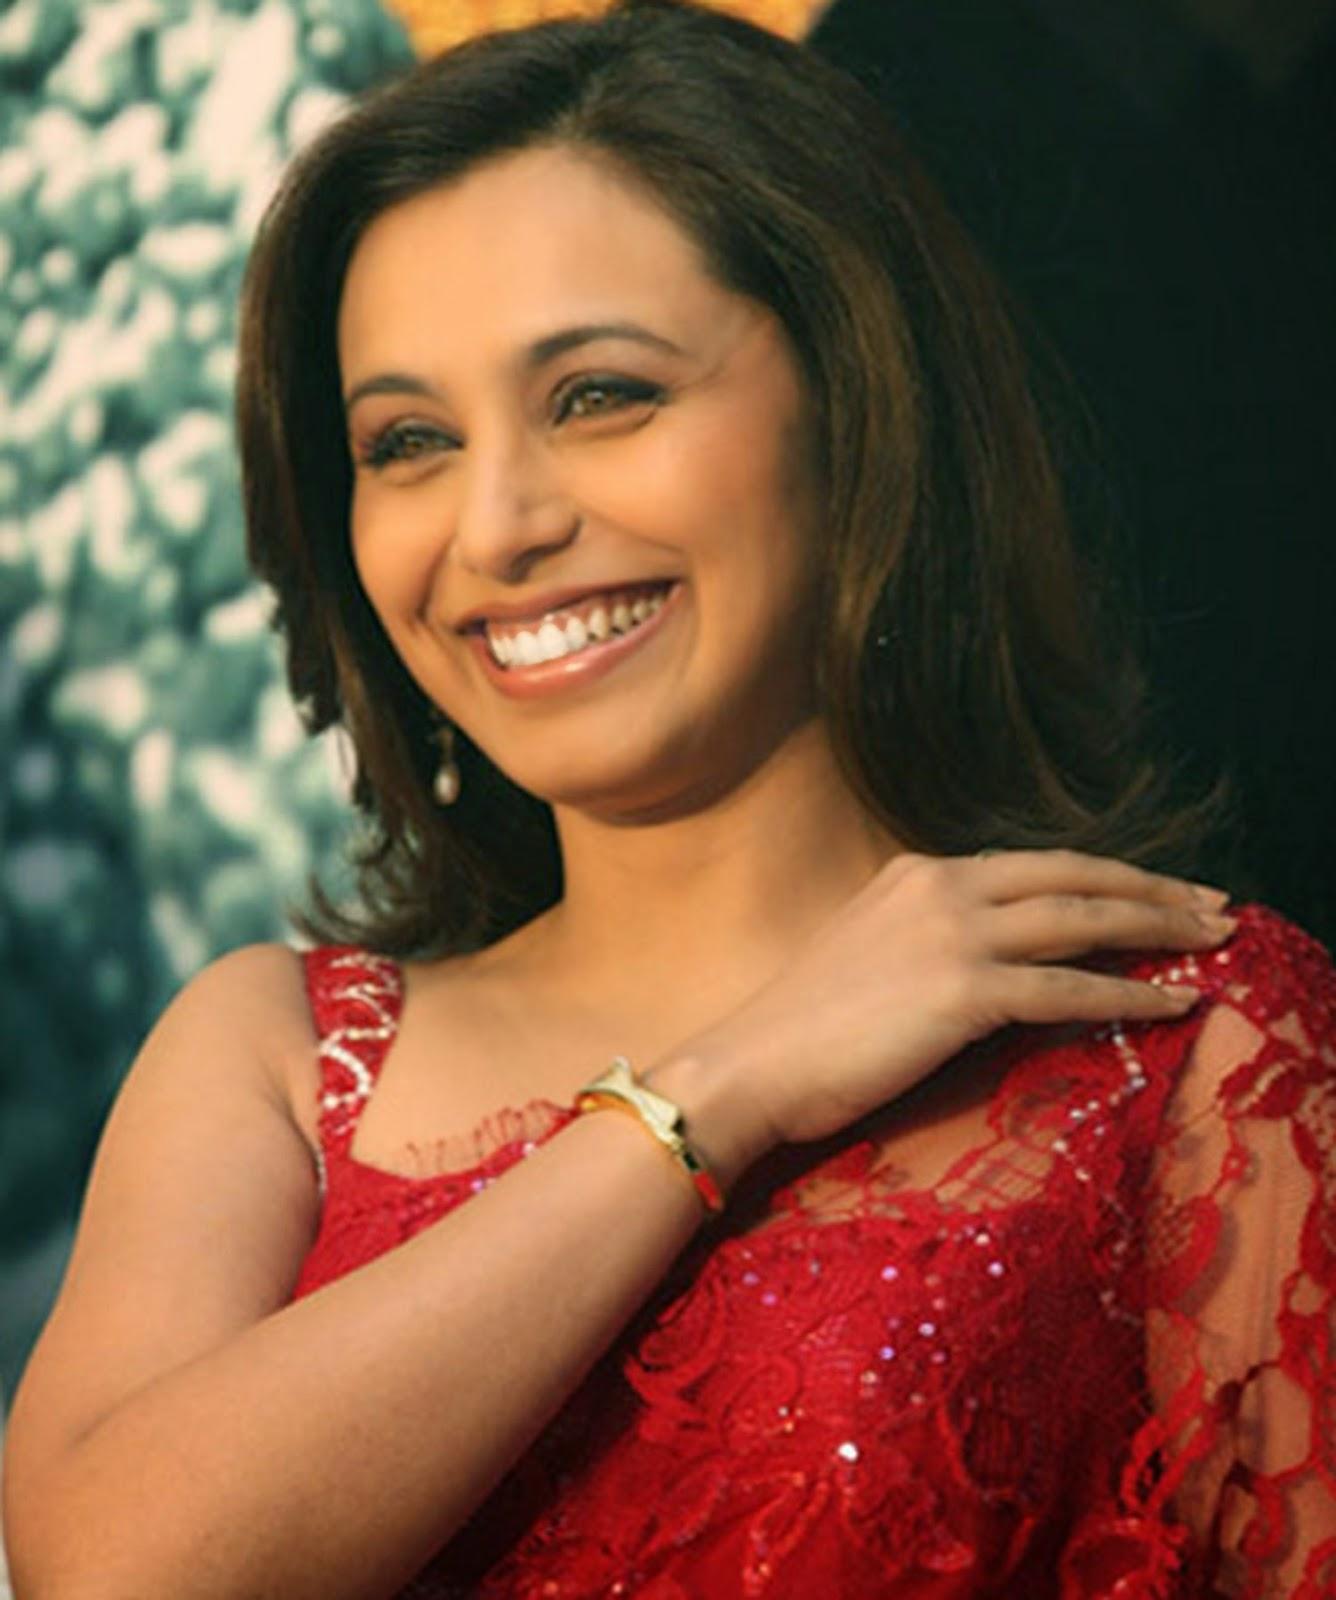 Vasundhara Das,Susan Brown (American actress) Hot image Josie Stevens,Joyce Cheng